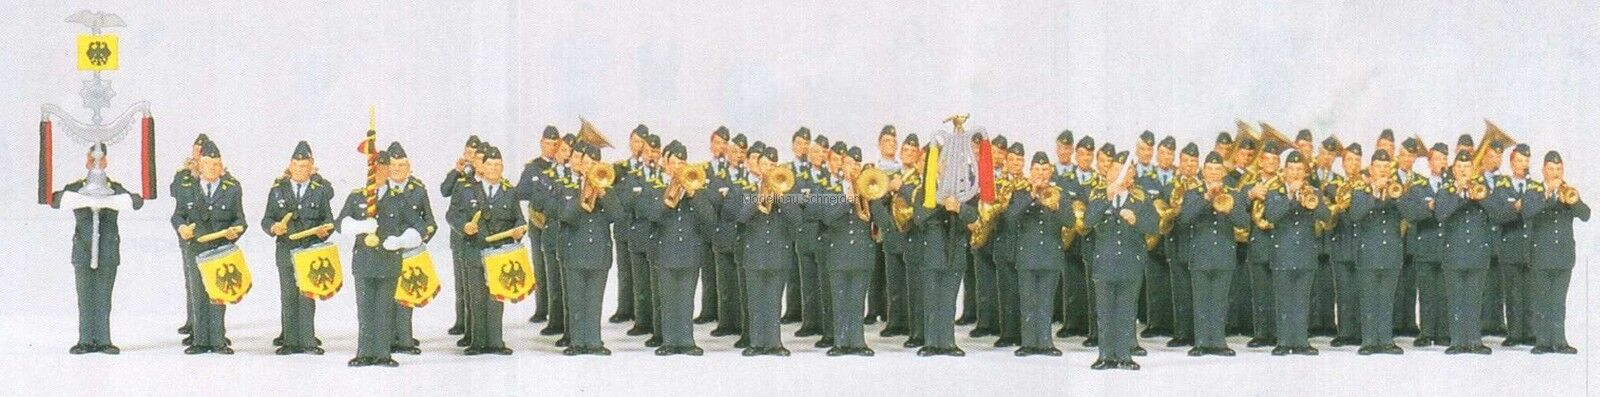 H0 Preiser 13256 Corpo di Musica Aviazione Militare Bw.